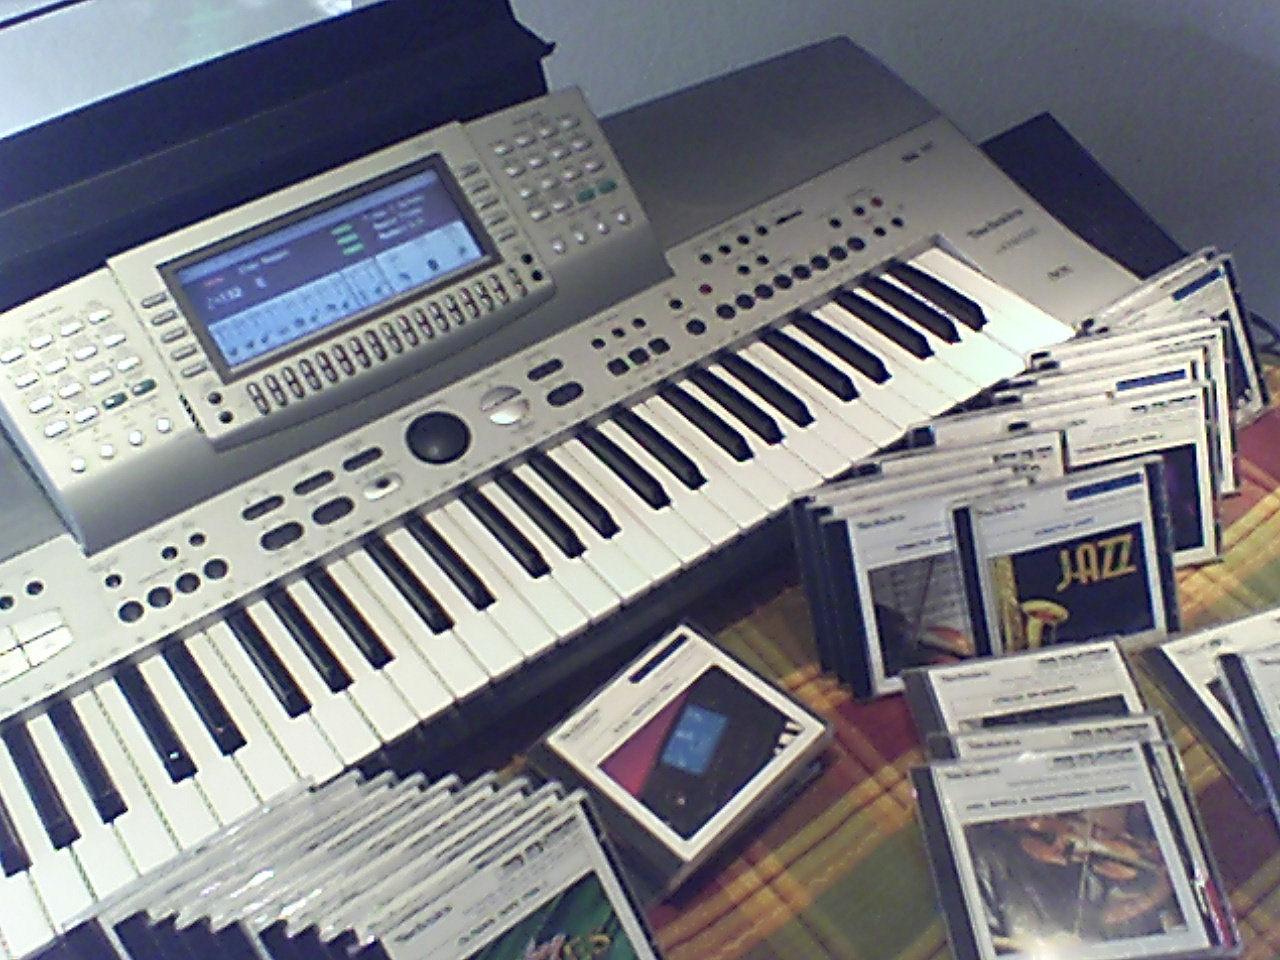 تحميل برنامج اصوات لاورغ تكنس Technics KN6000+KN 6500 Technics+KN6500+003